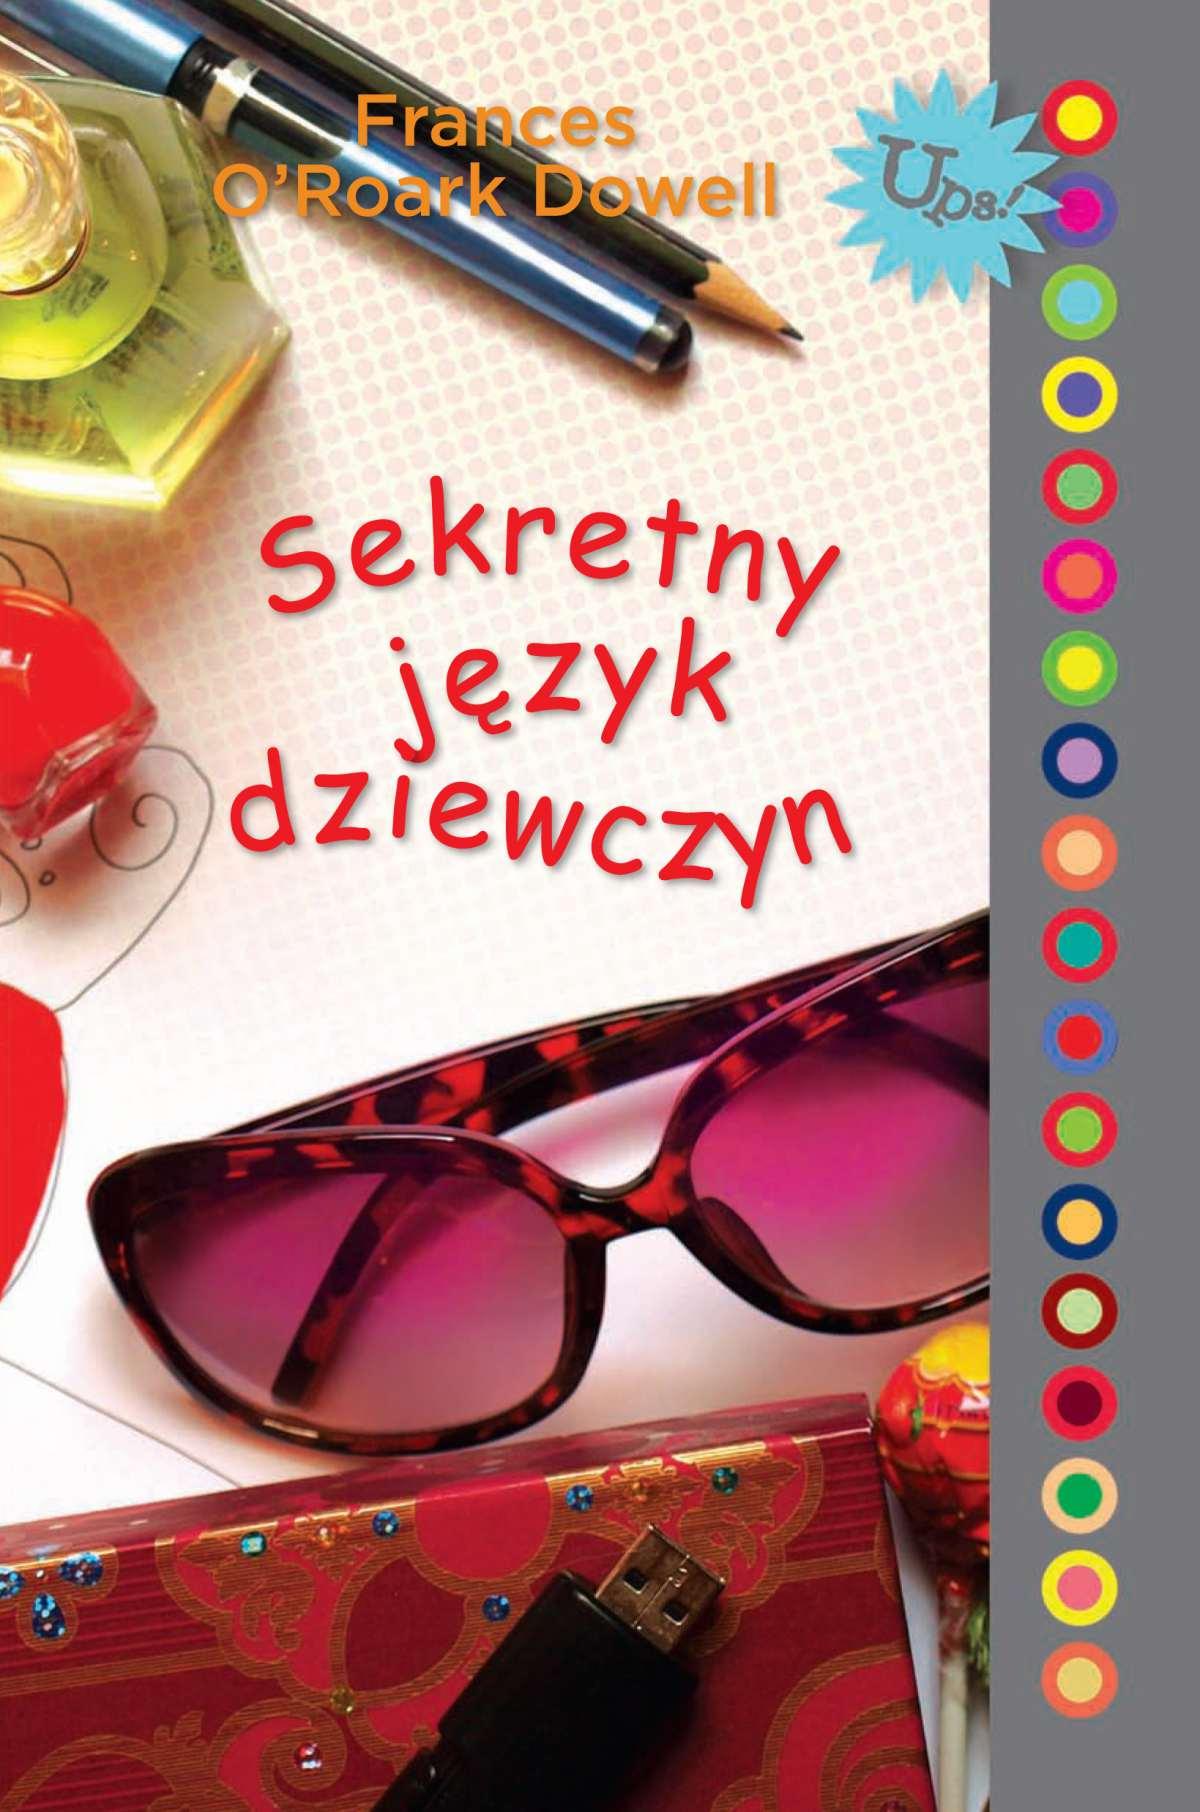 Sekretny język dziewczyn - Ebook (Książka EPUB) do pobrania w formacie EPUB